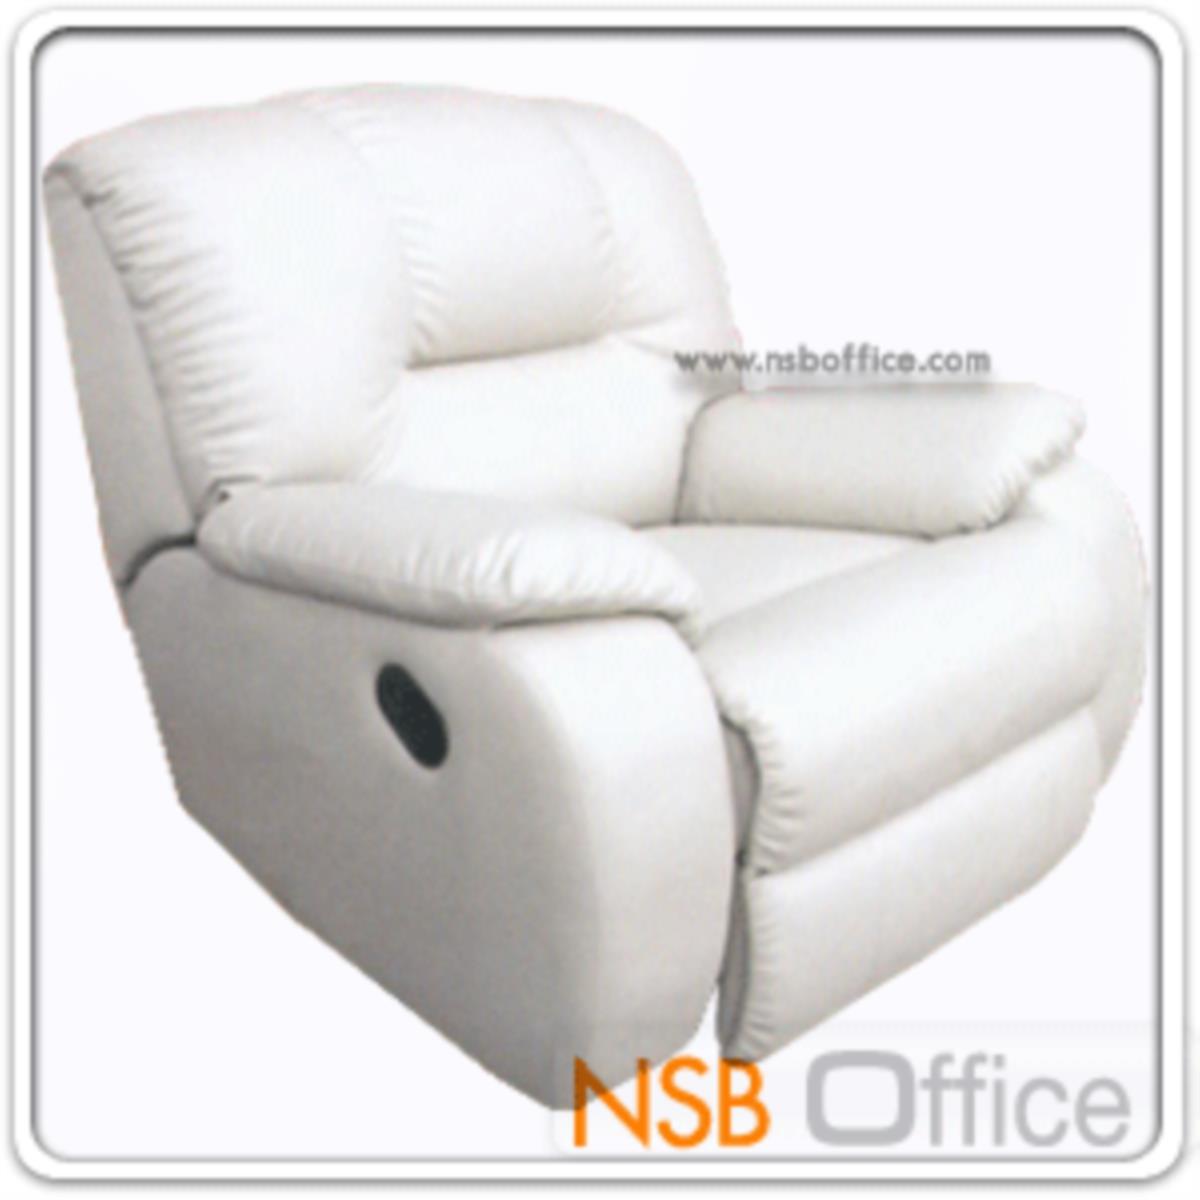 เก้าอี้พักผ่อนสำหรับผู้บริหาร รุ่น DL-25 ขนาด 99W cm. พิงเอนได้